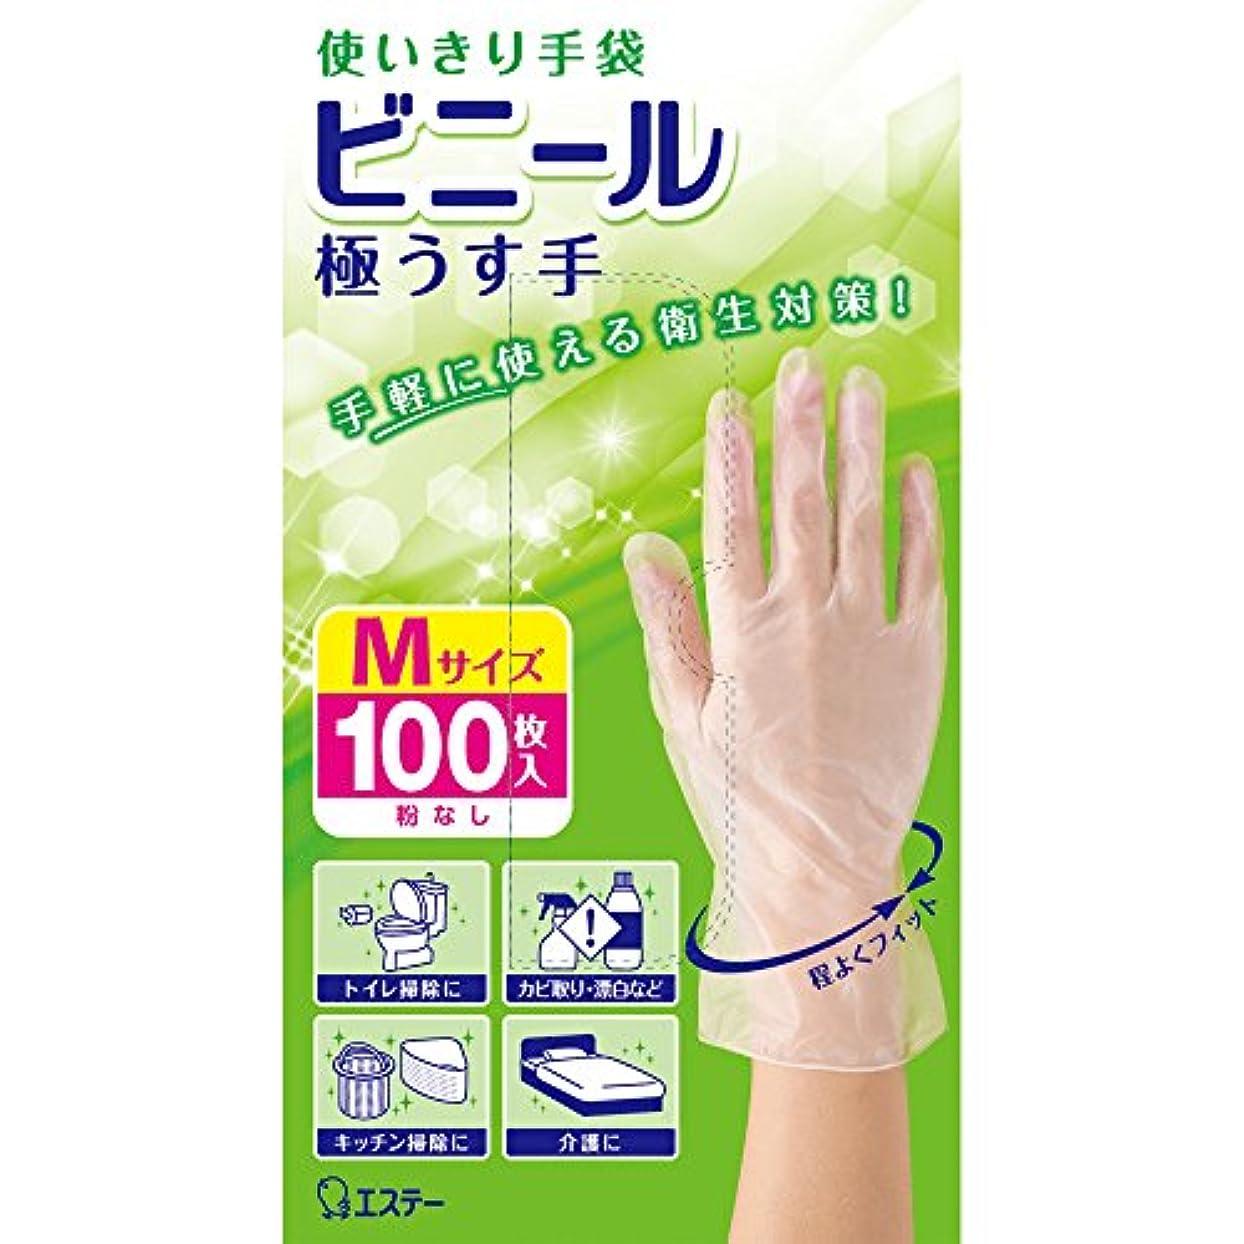 悲劇的な第二に依存する使いきり手袋 ビニール 極うす手 炊事?掃除用 Mサイズ 半透明 100枚